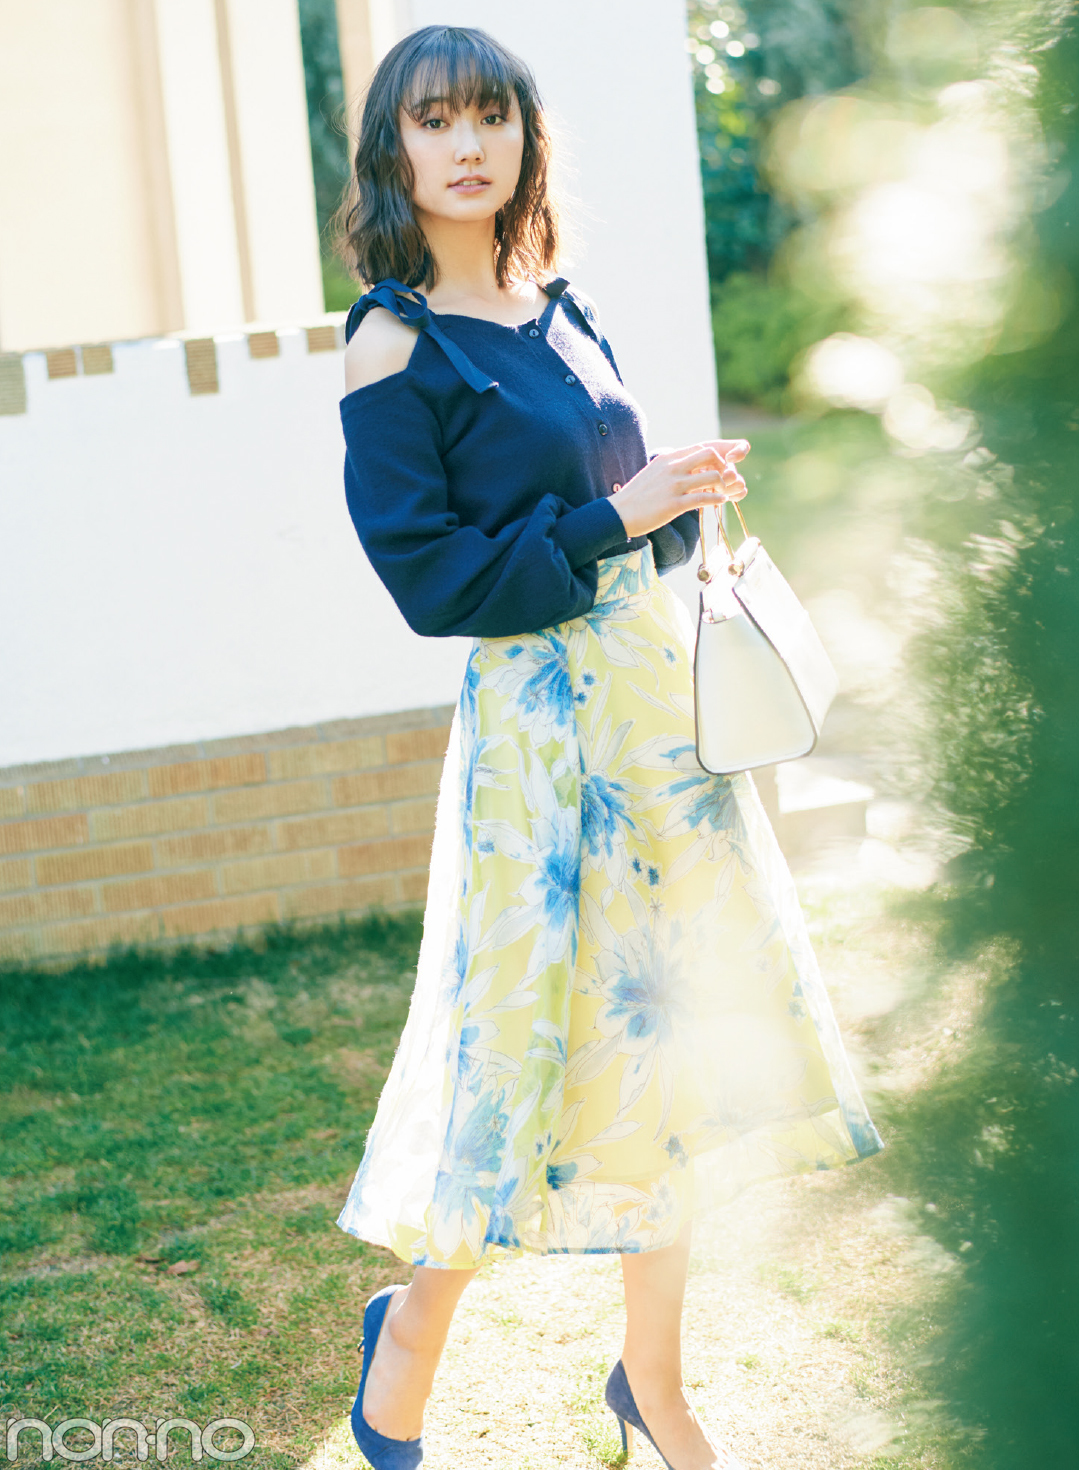 盛れる♡ 春めき花柄スカート、フェミカジ&きれいめコーデのお手本はコレ!_1_2